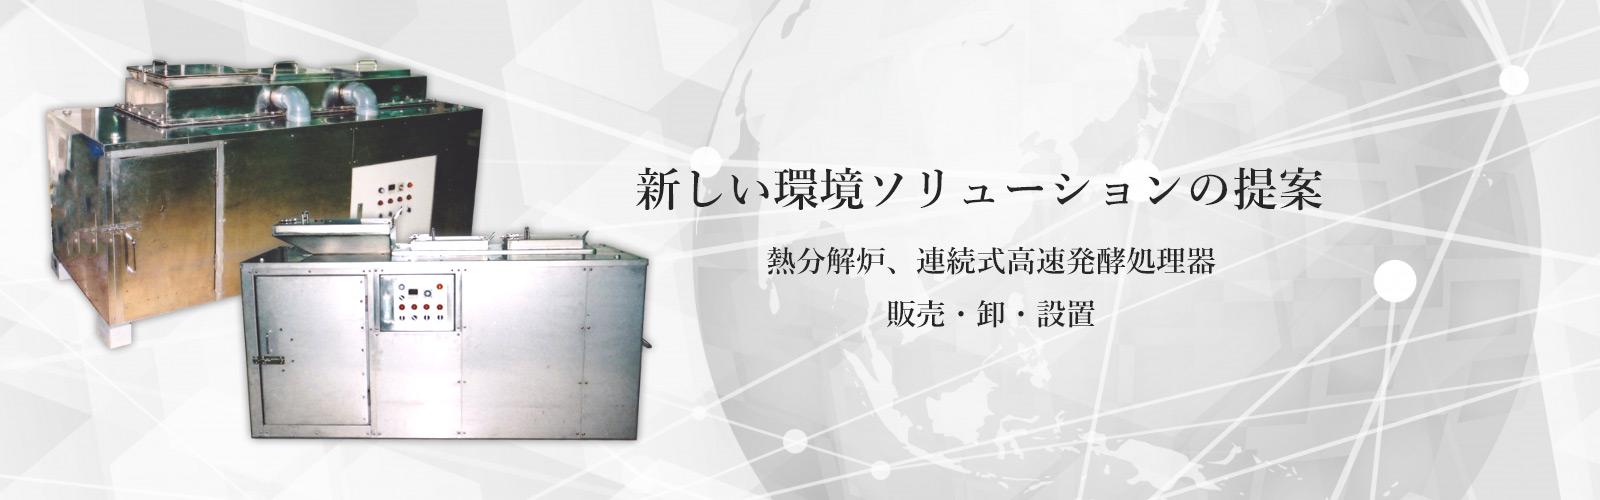 株式会社アットワン 廃棄物処理システム・損害保険、生命保険サービス